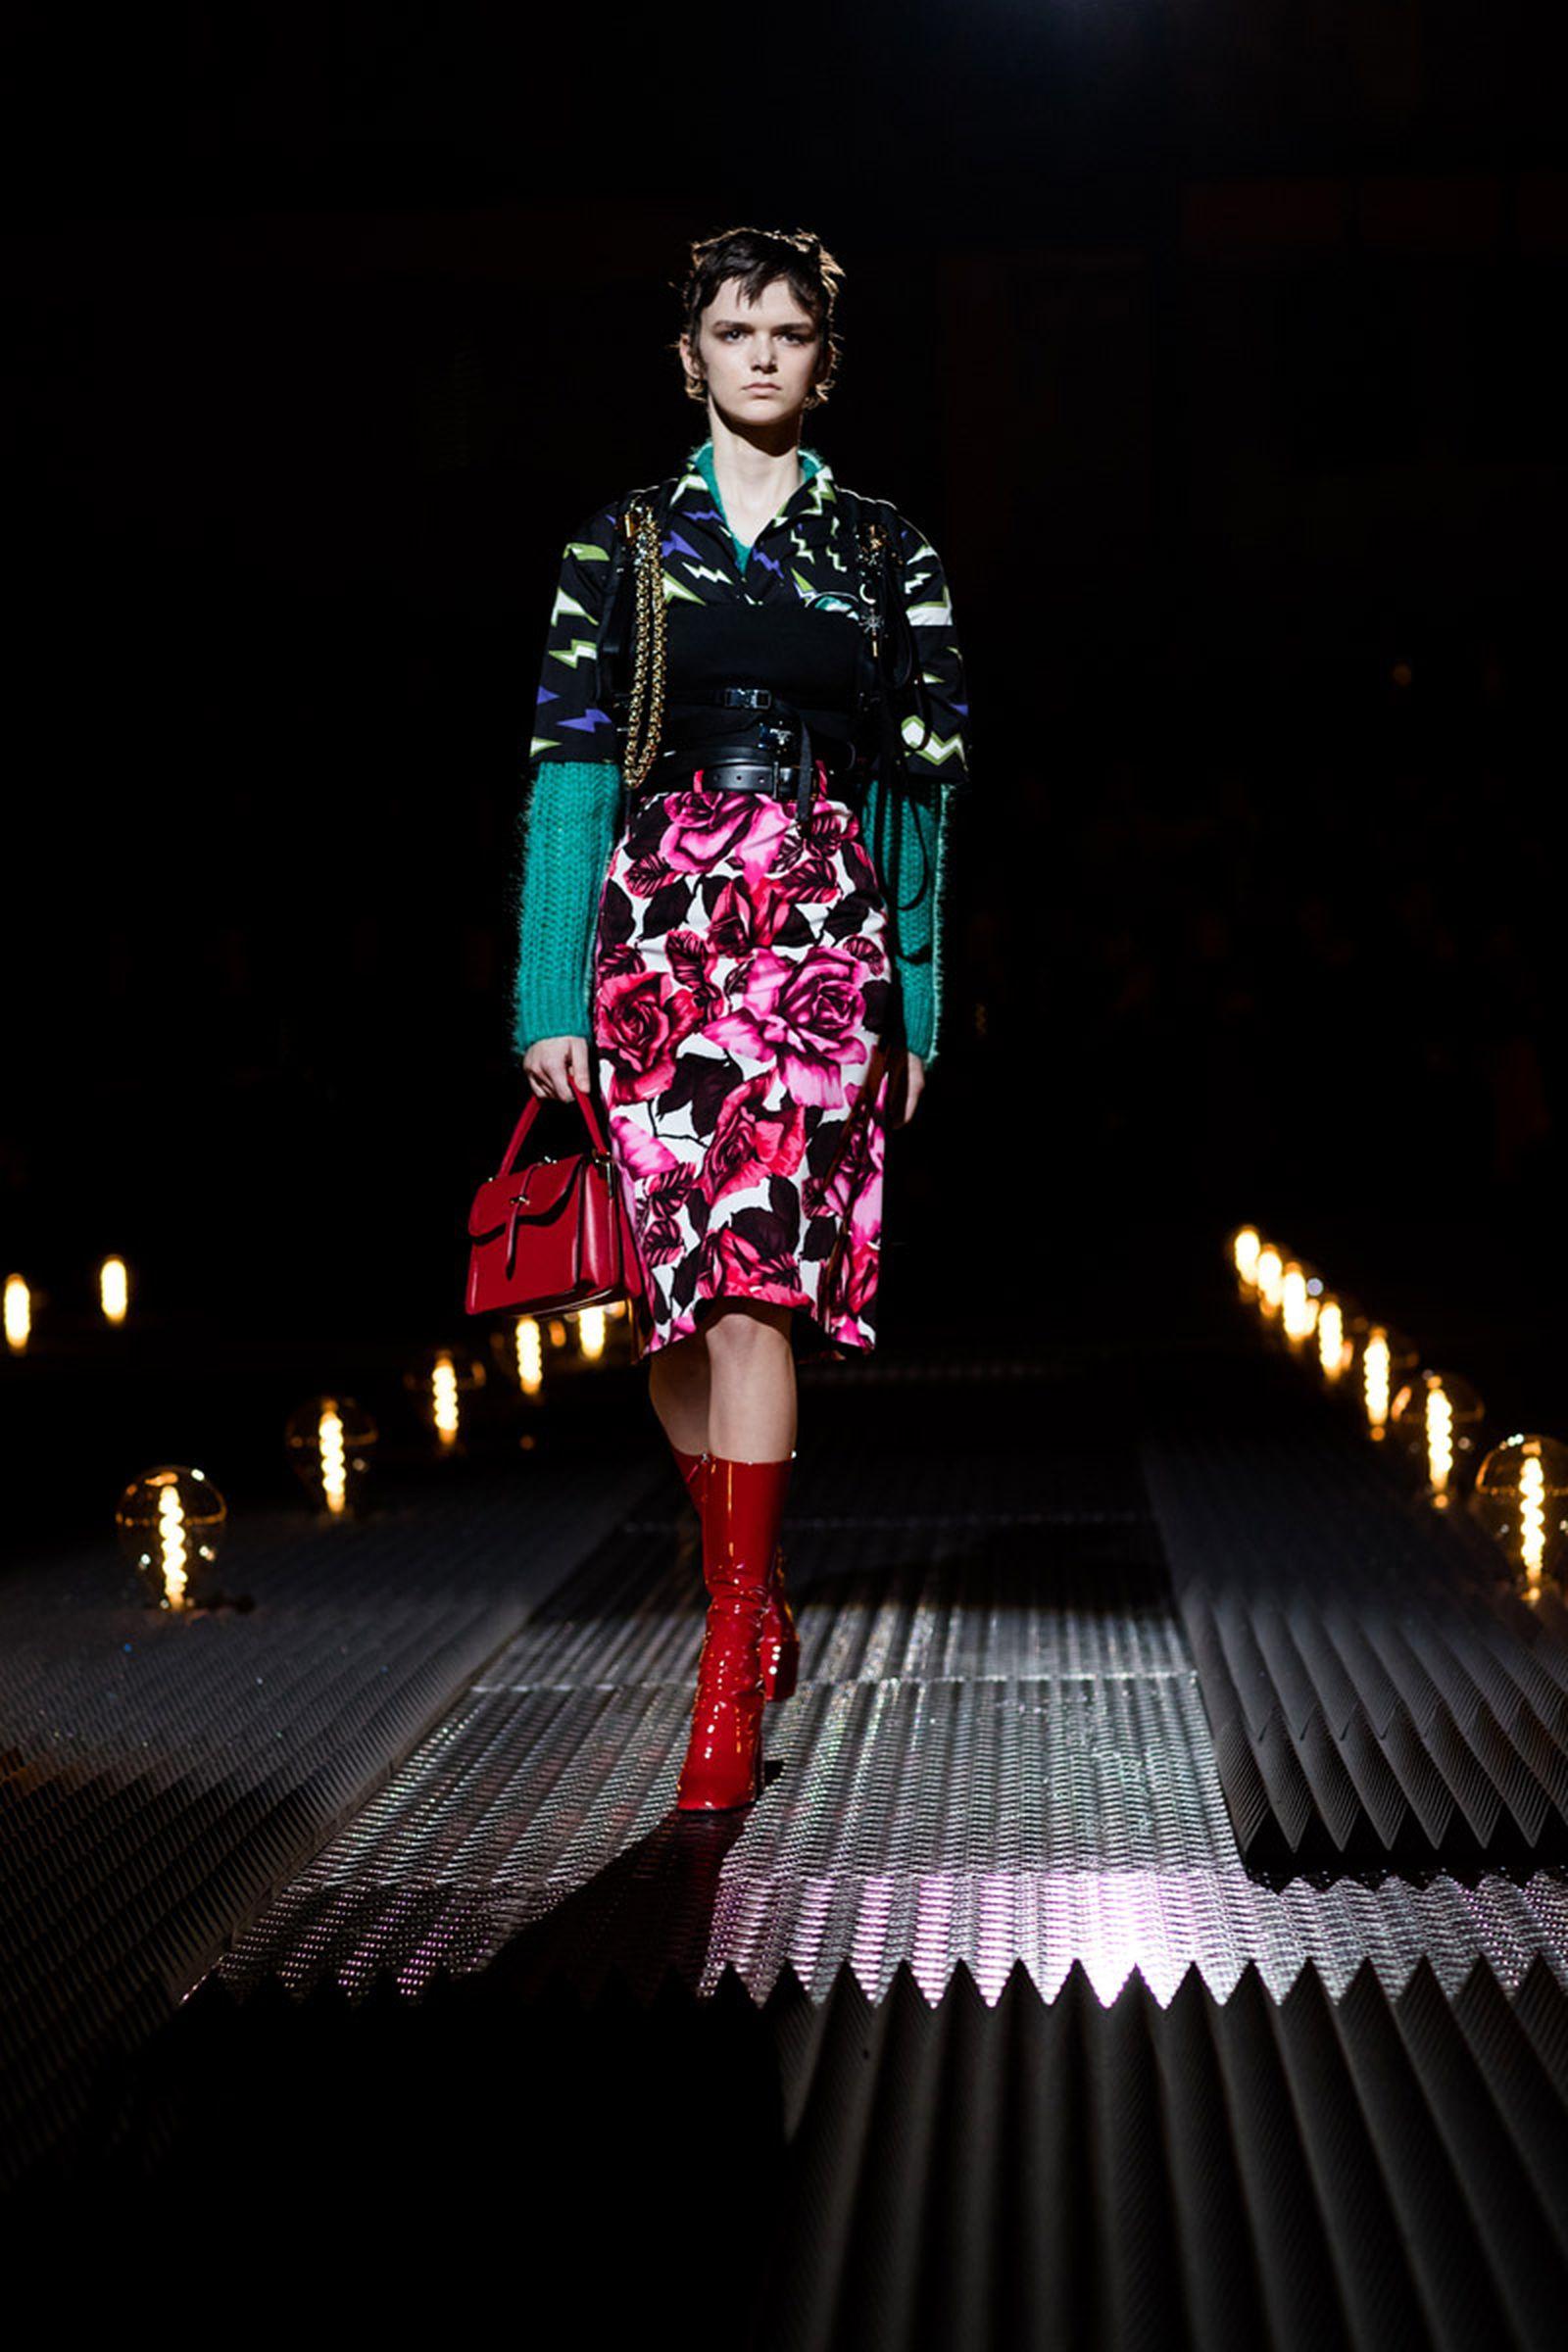 2prada fw19 milan fashion week rumway runway